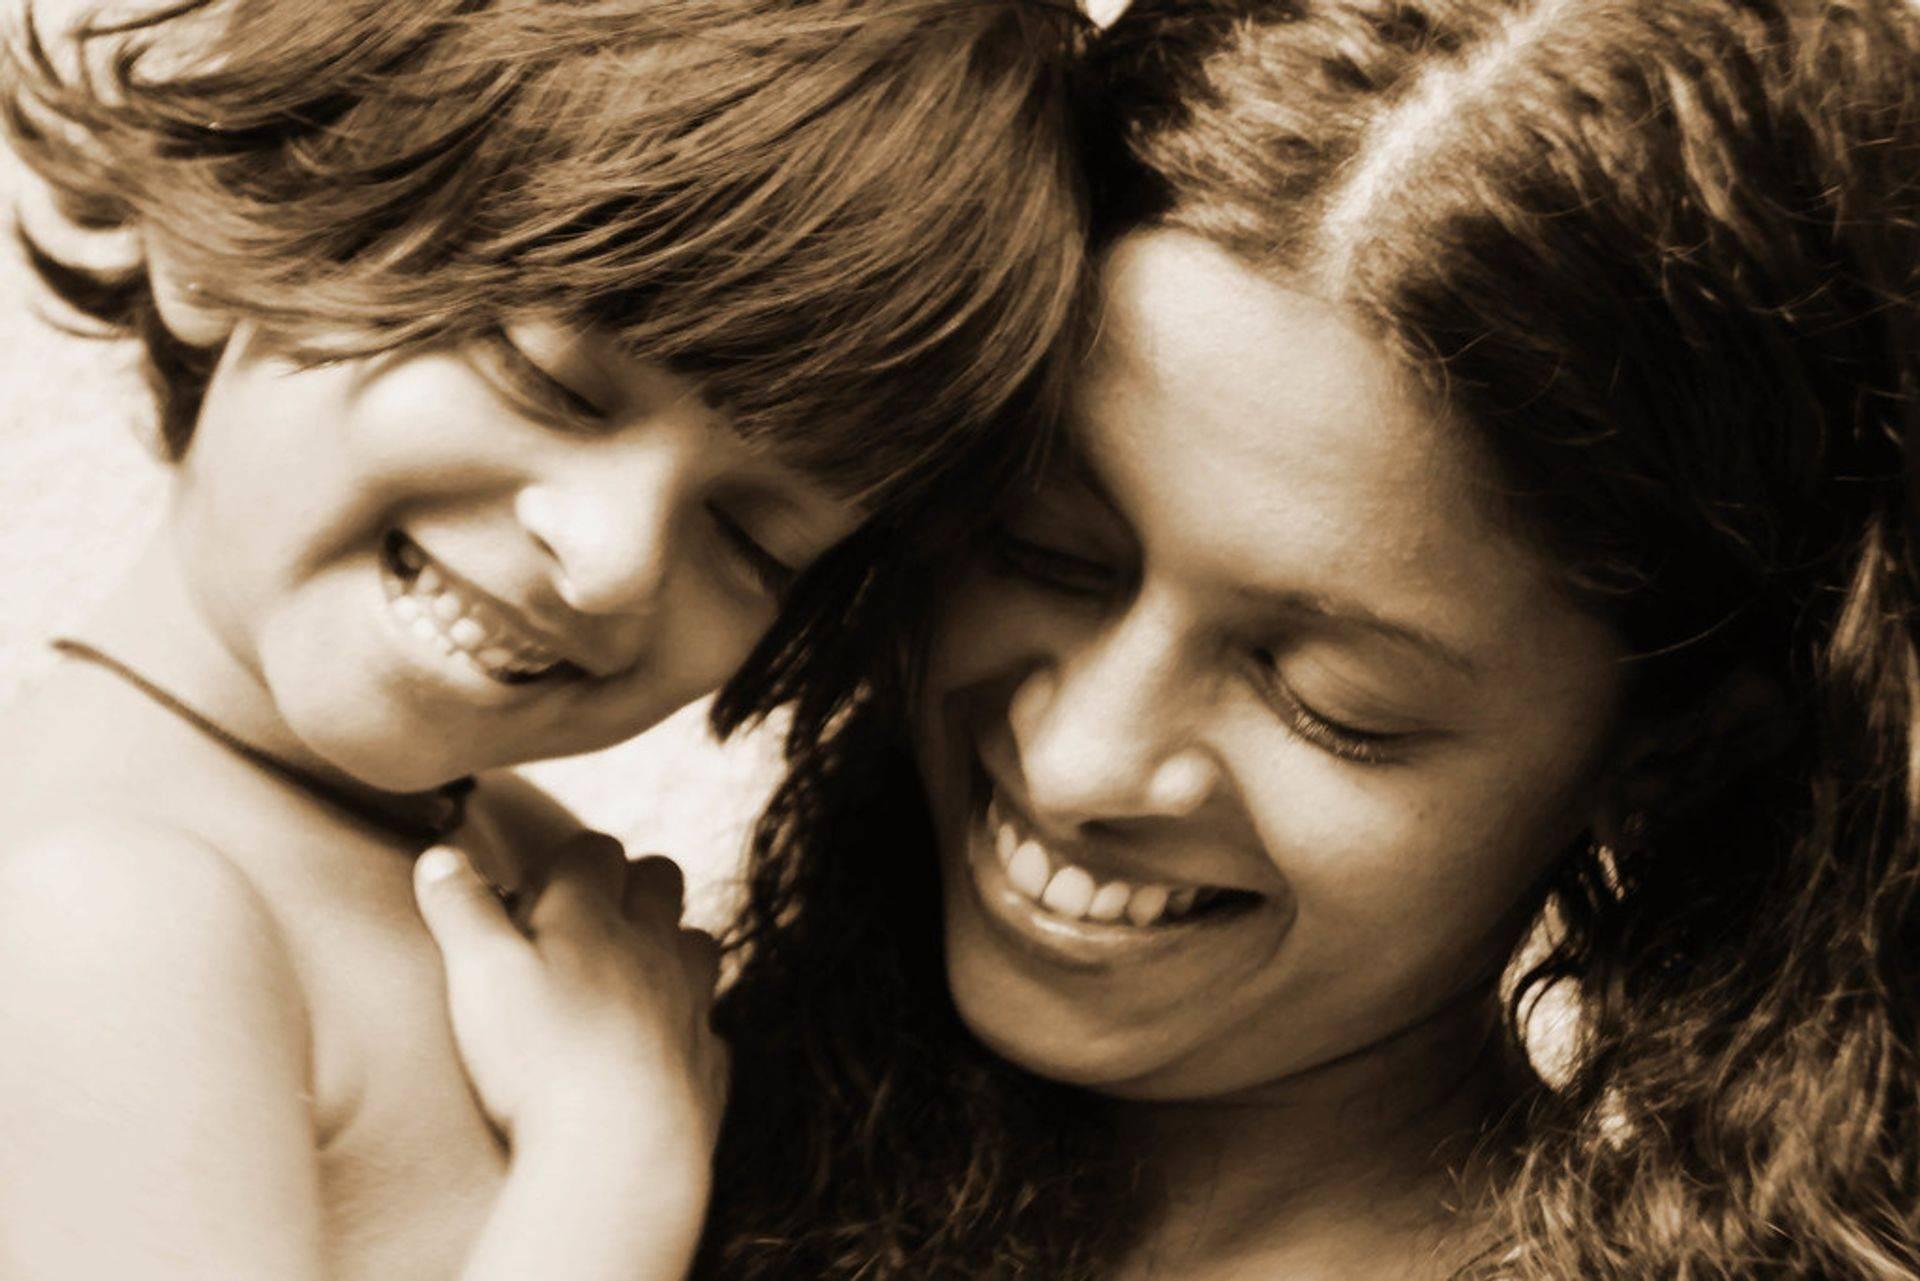 Families deserve Gods love